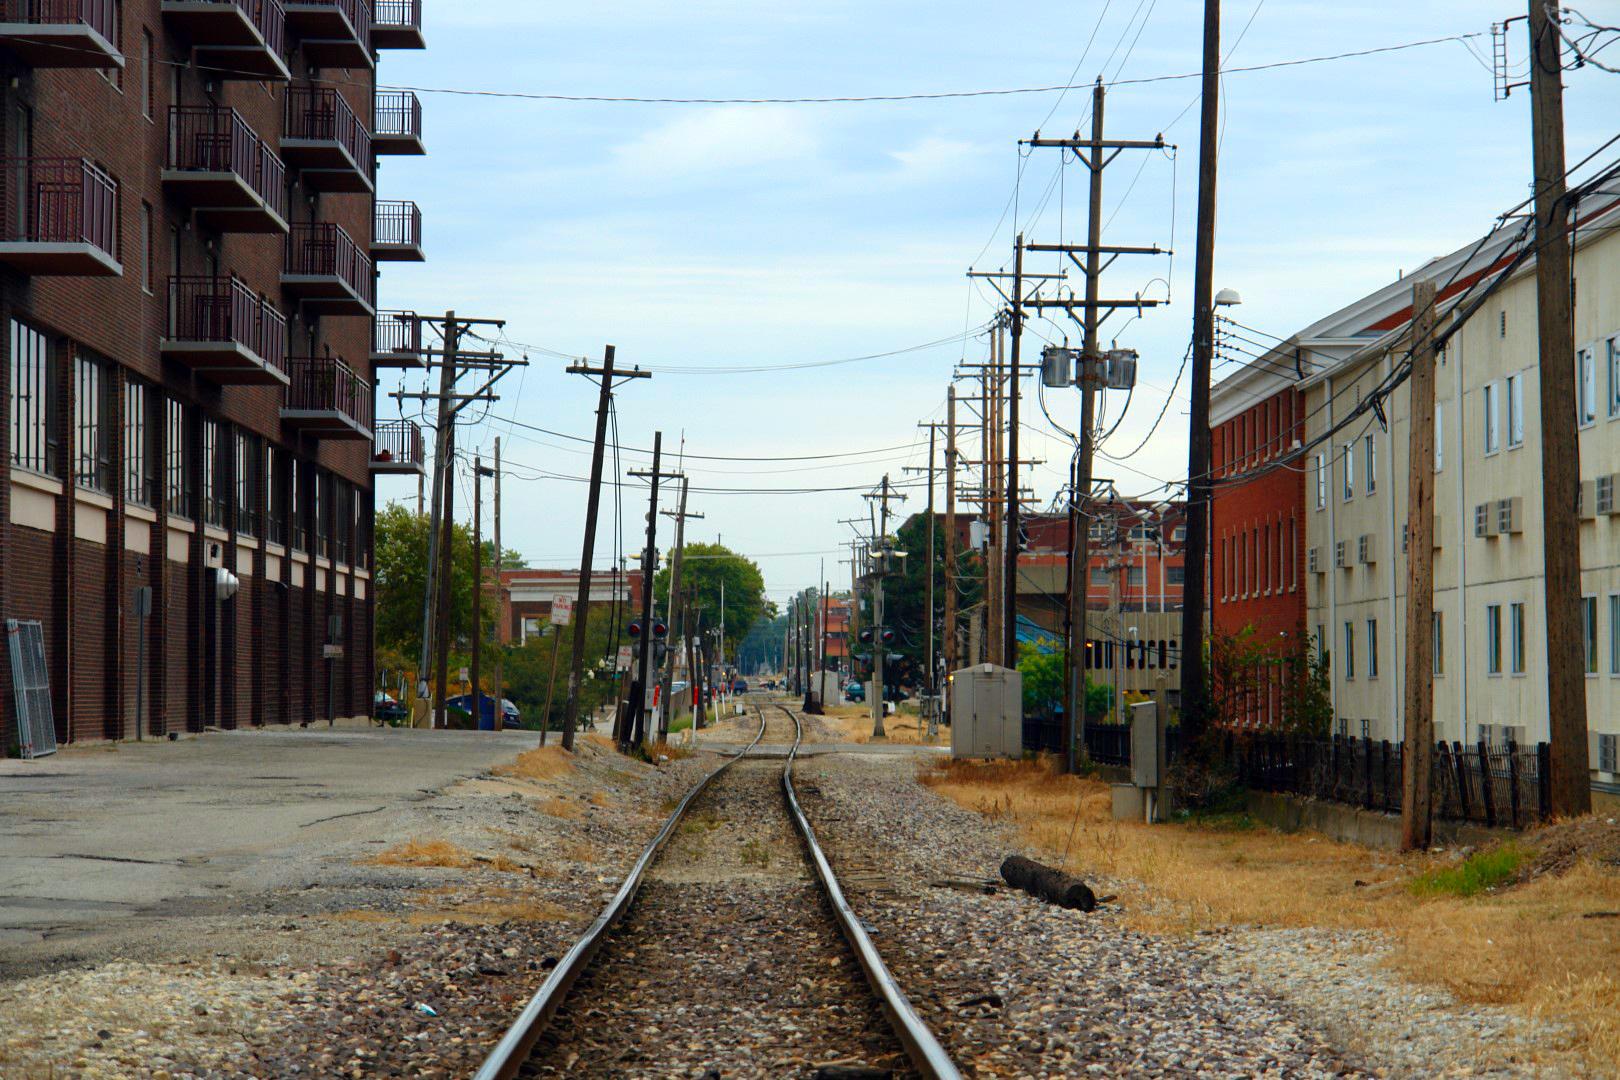 Springfield, Illinois, Estados Unidos, Los Simpsons dónde está springfield - 30786101666 4aff233044 o - ¿Dónde está Springfield?, yo ya he estado.